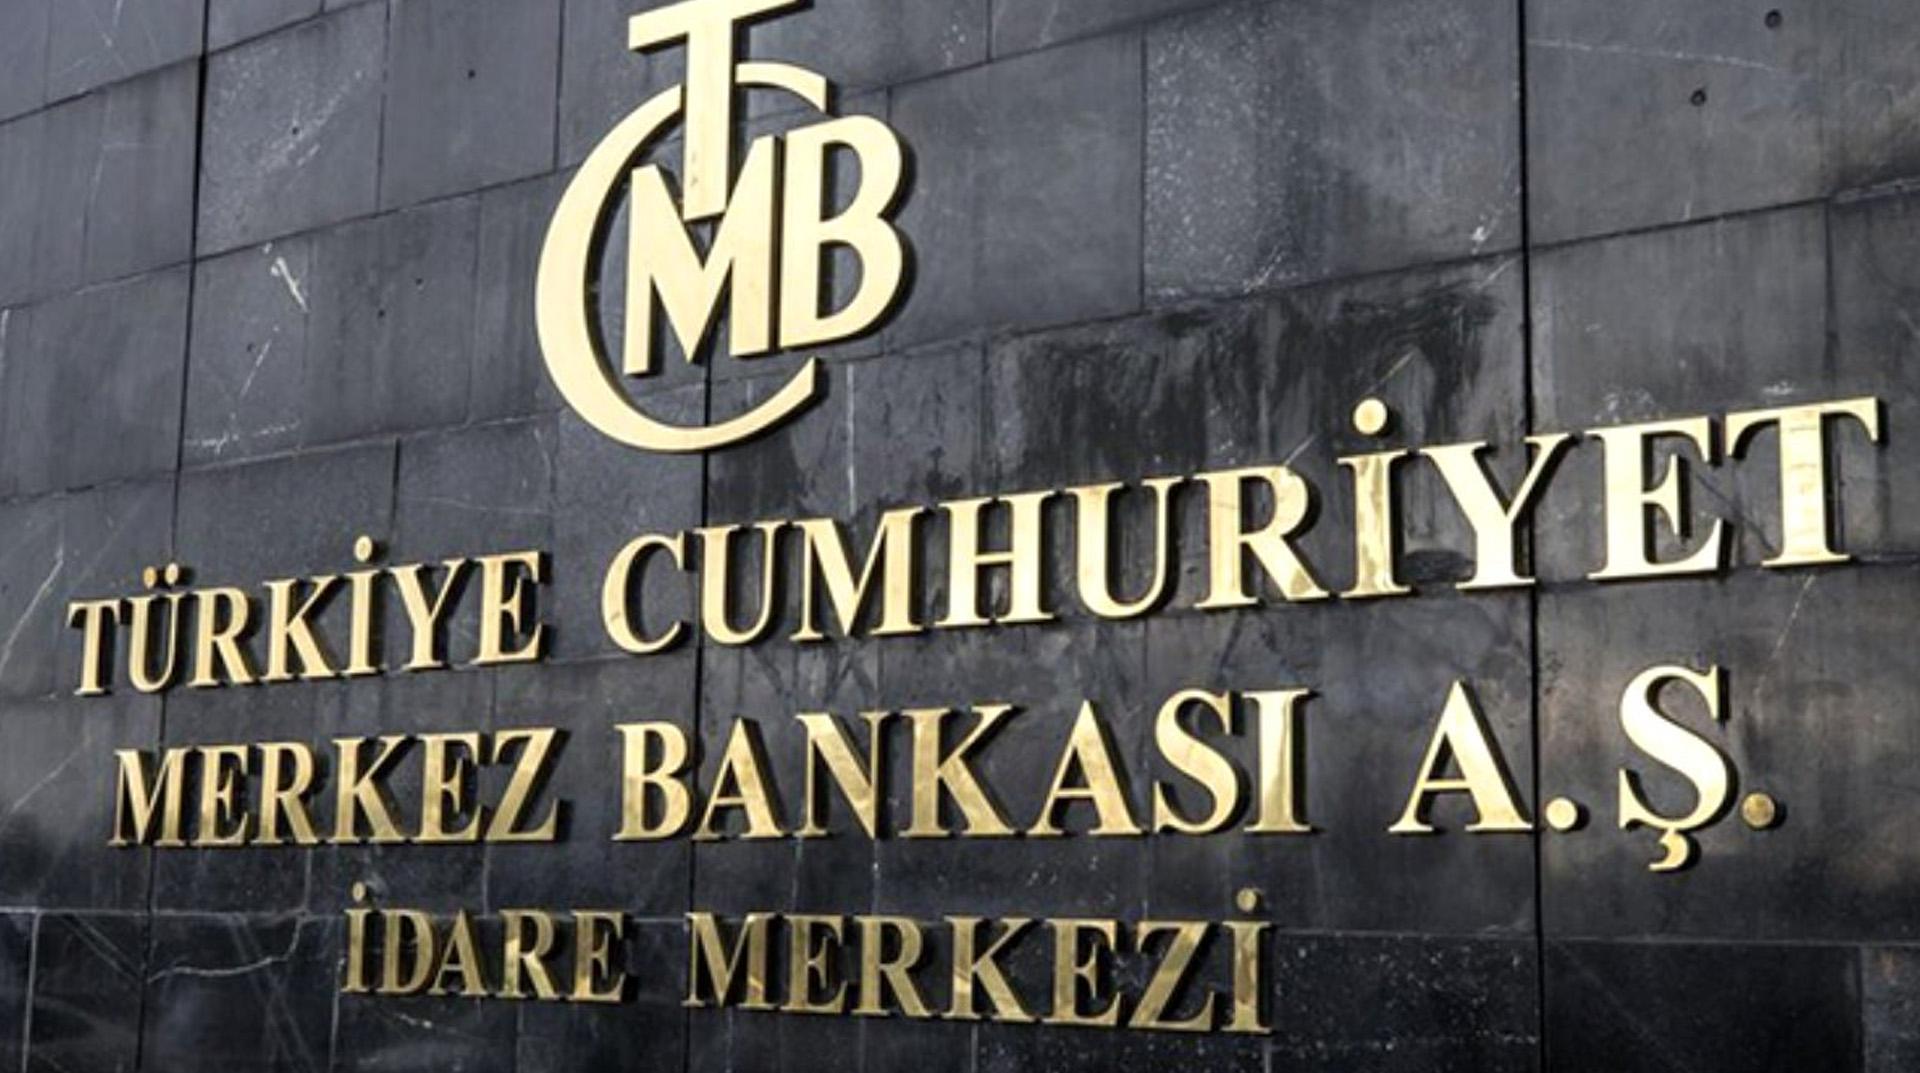 Merkez Bankası, 2019 yıl sonu enflasyon tahminini değiştirdi!